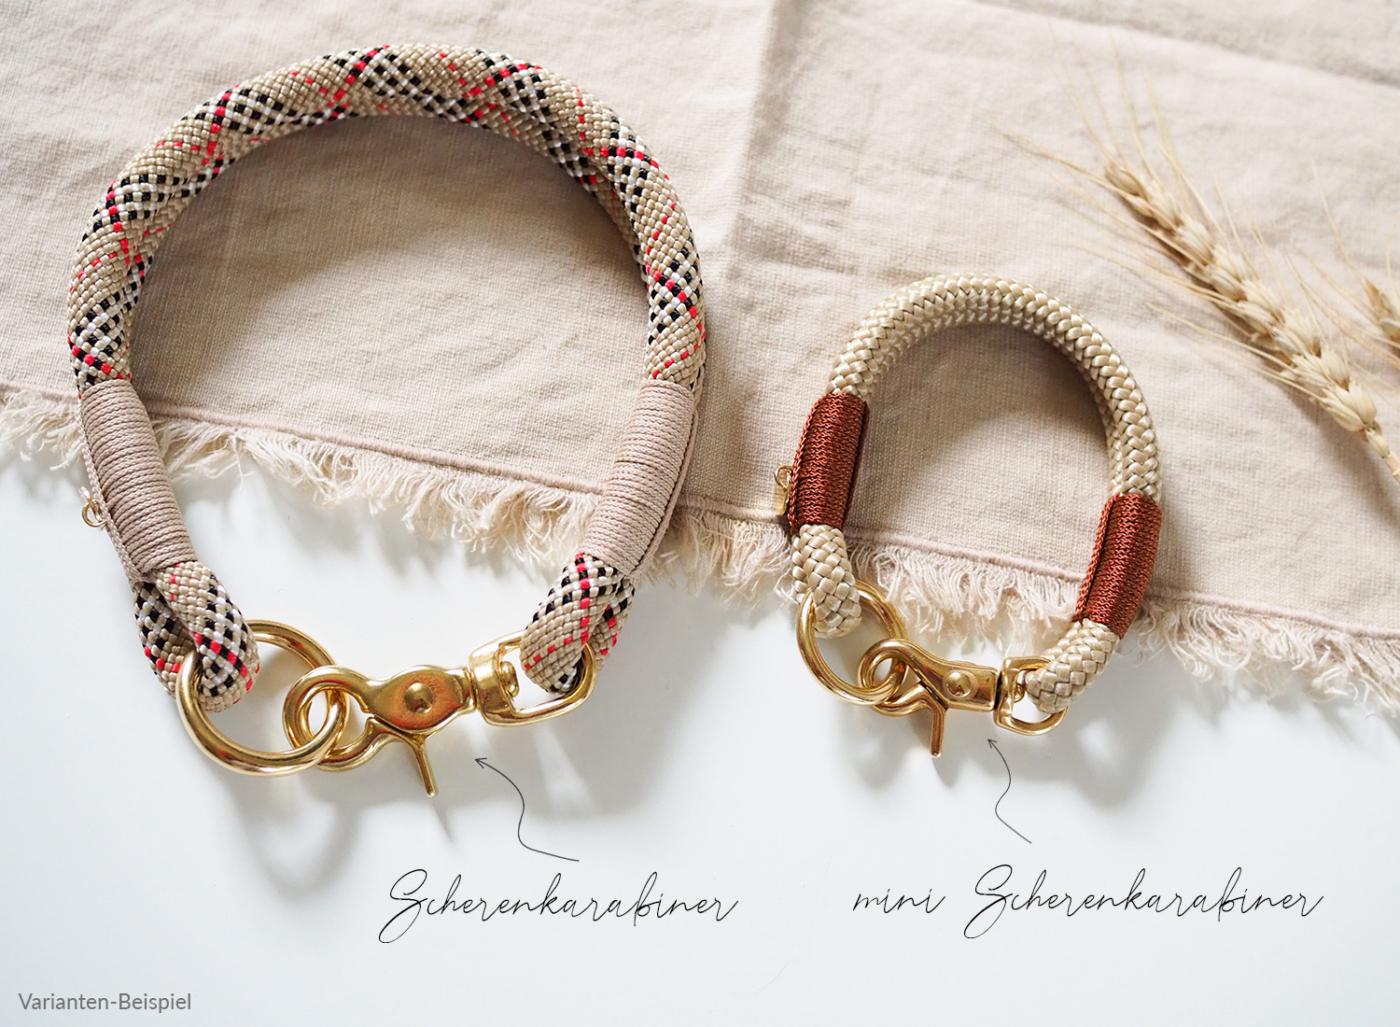 Scherenarabiner und mini Scherenkarabiner im Vergleich an Taushalsbändern